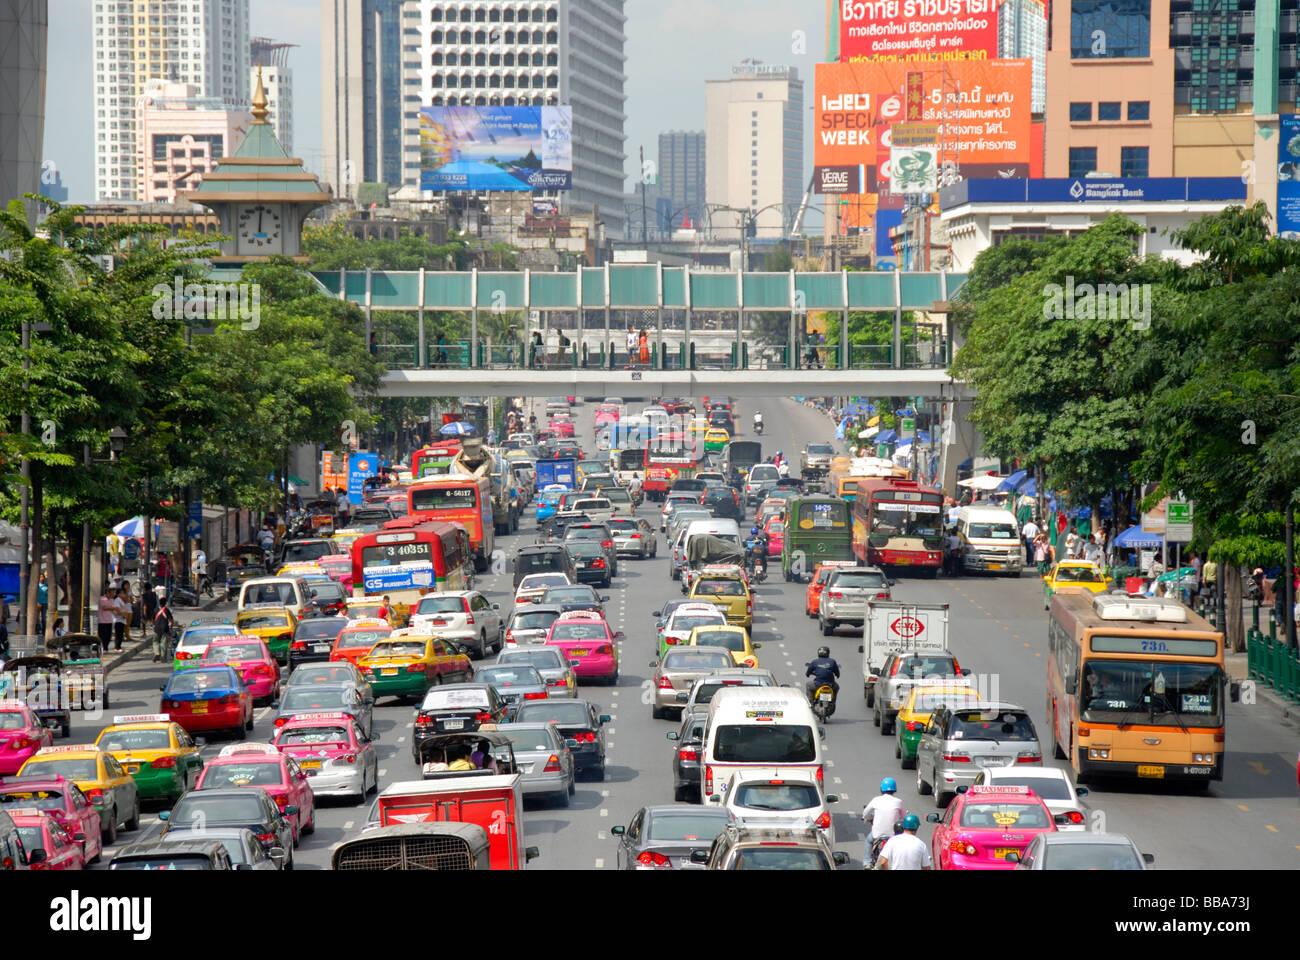 Großstadt, Stau, Autos und Mopeds vor bunten Skyline, Ratchadamri Road, Bangkok, Thailand, Südostasien Stockbild